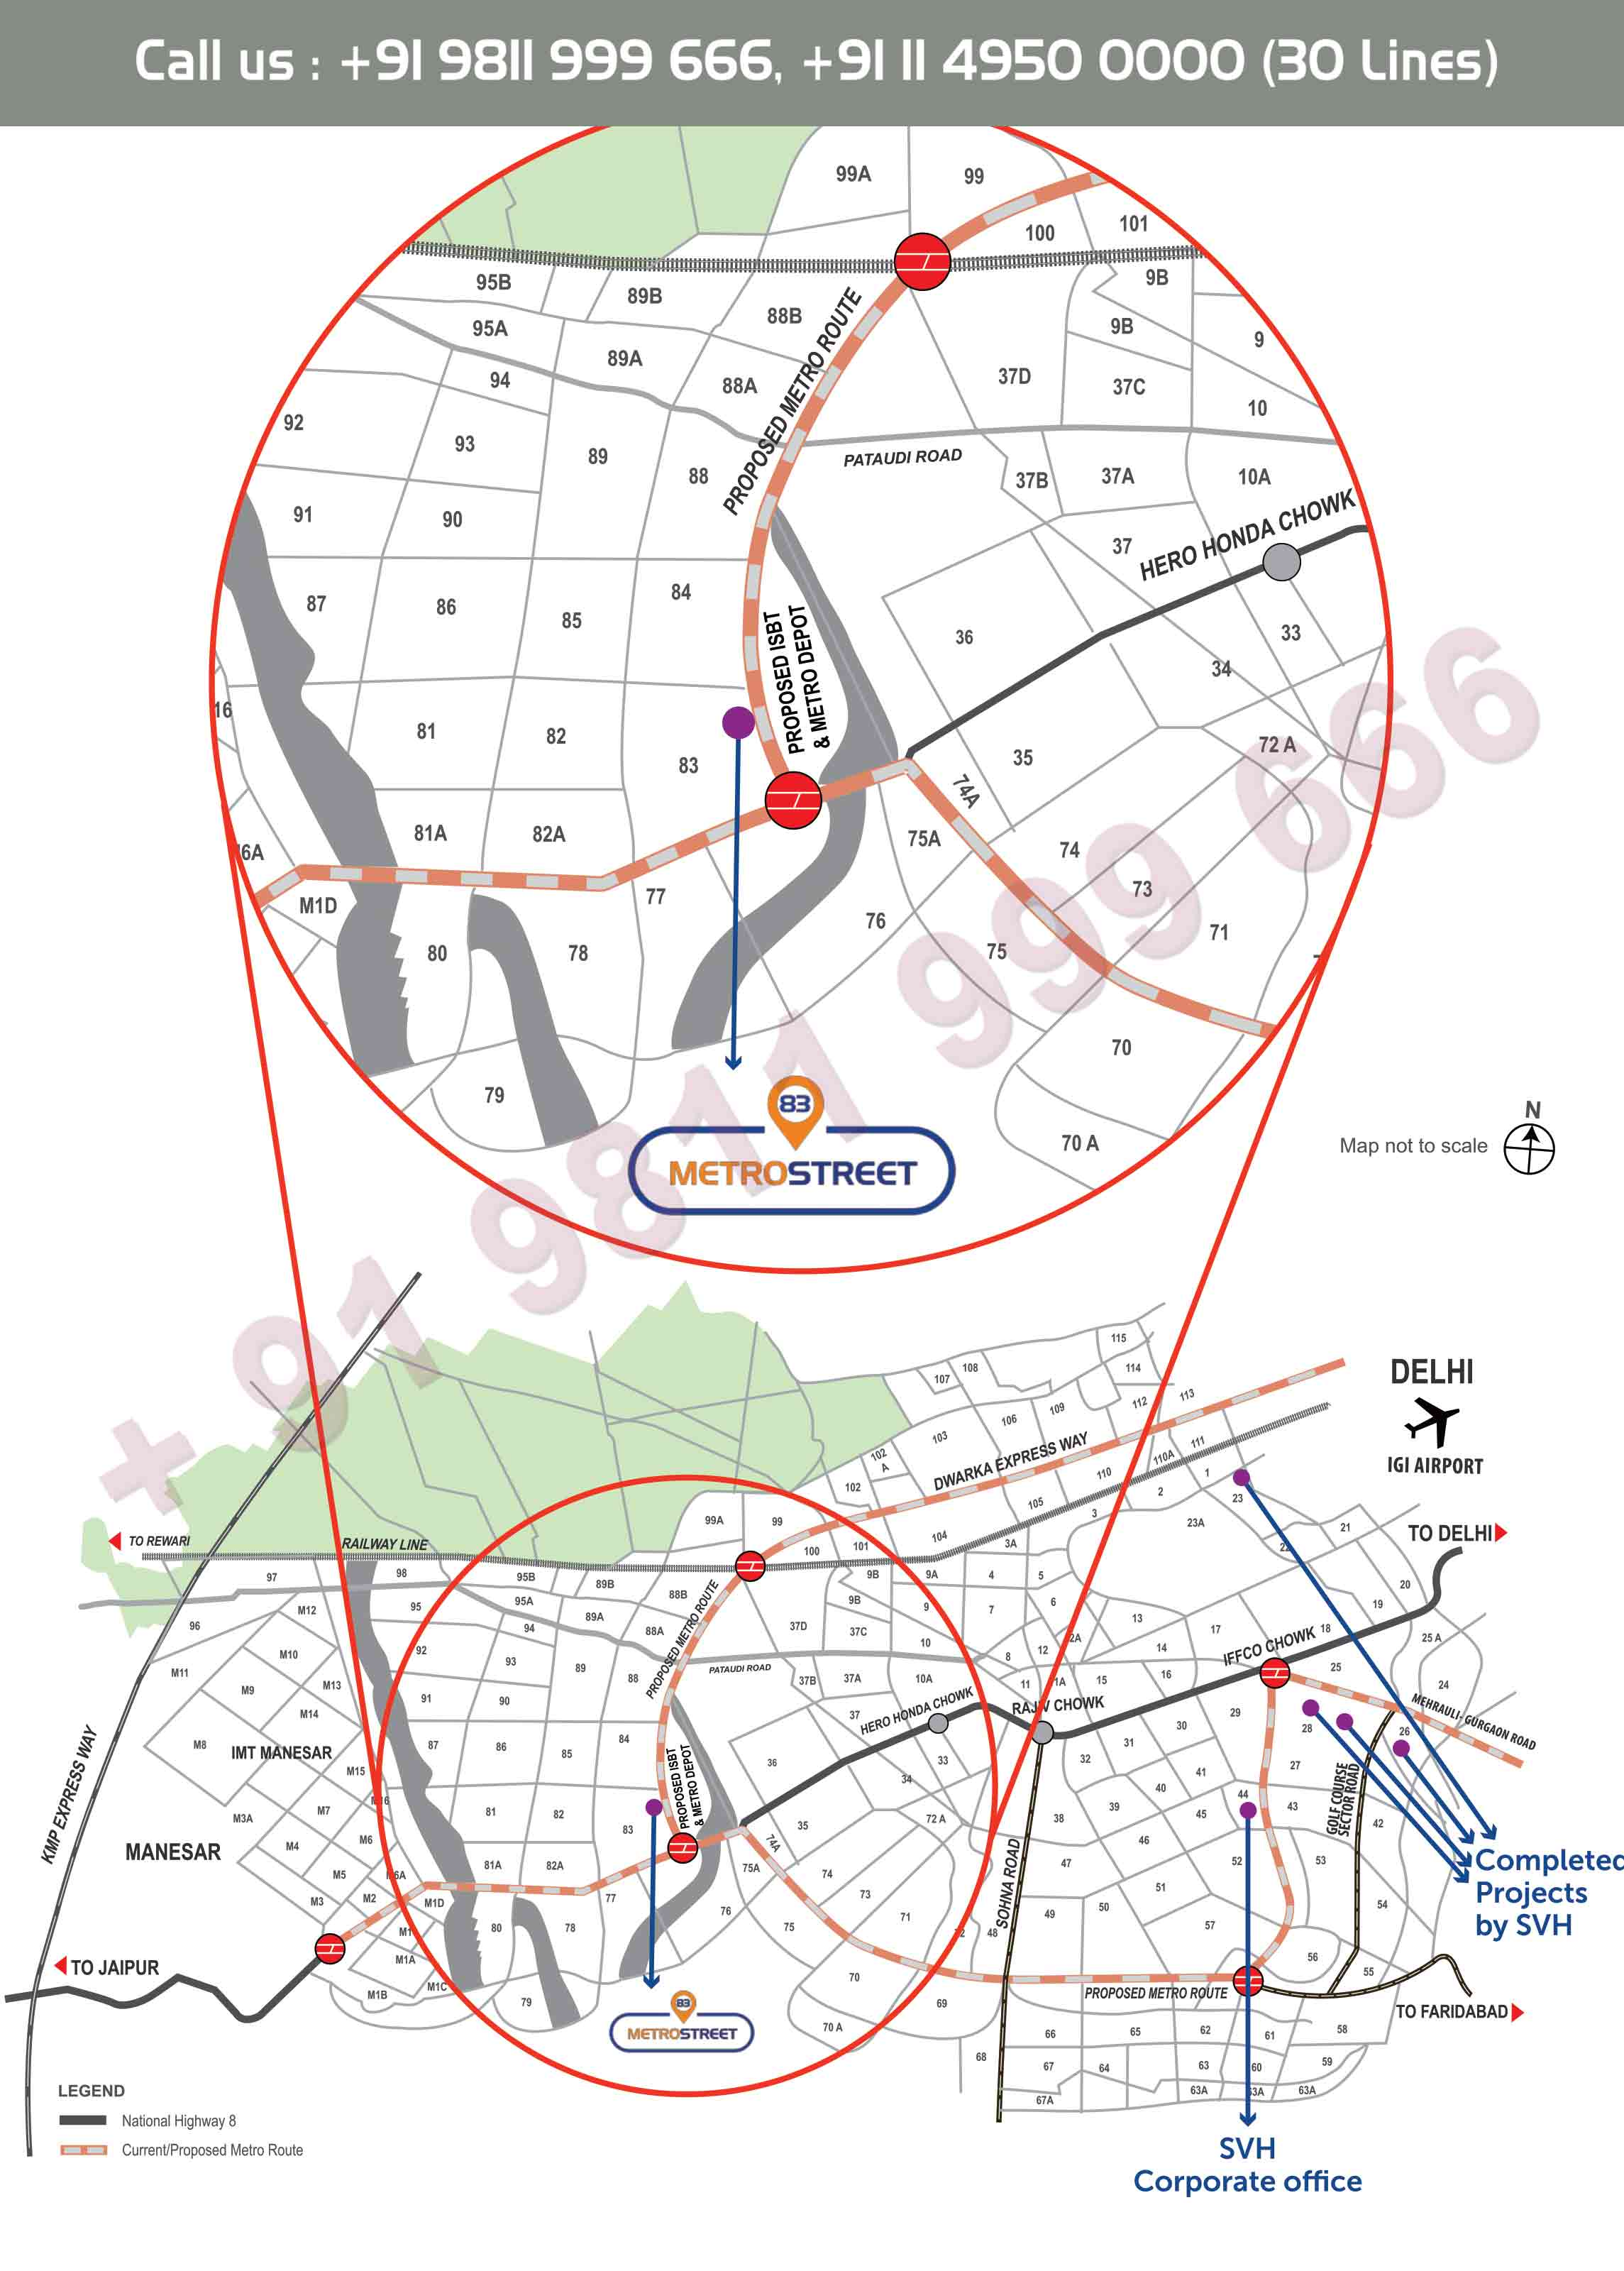 Location Map - 83 Metro Street Gurgaon Dwarka Expressway